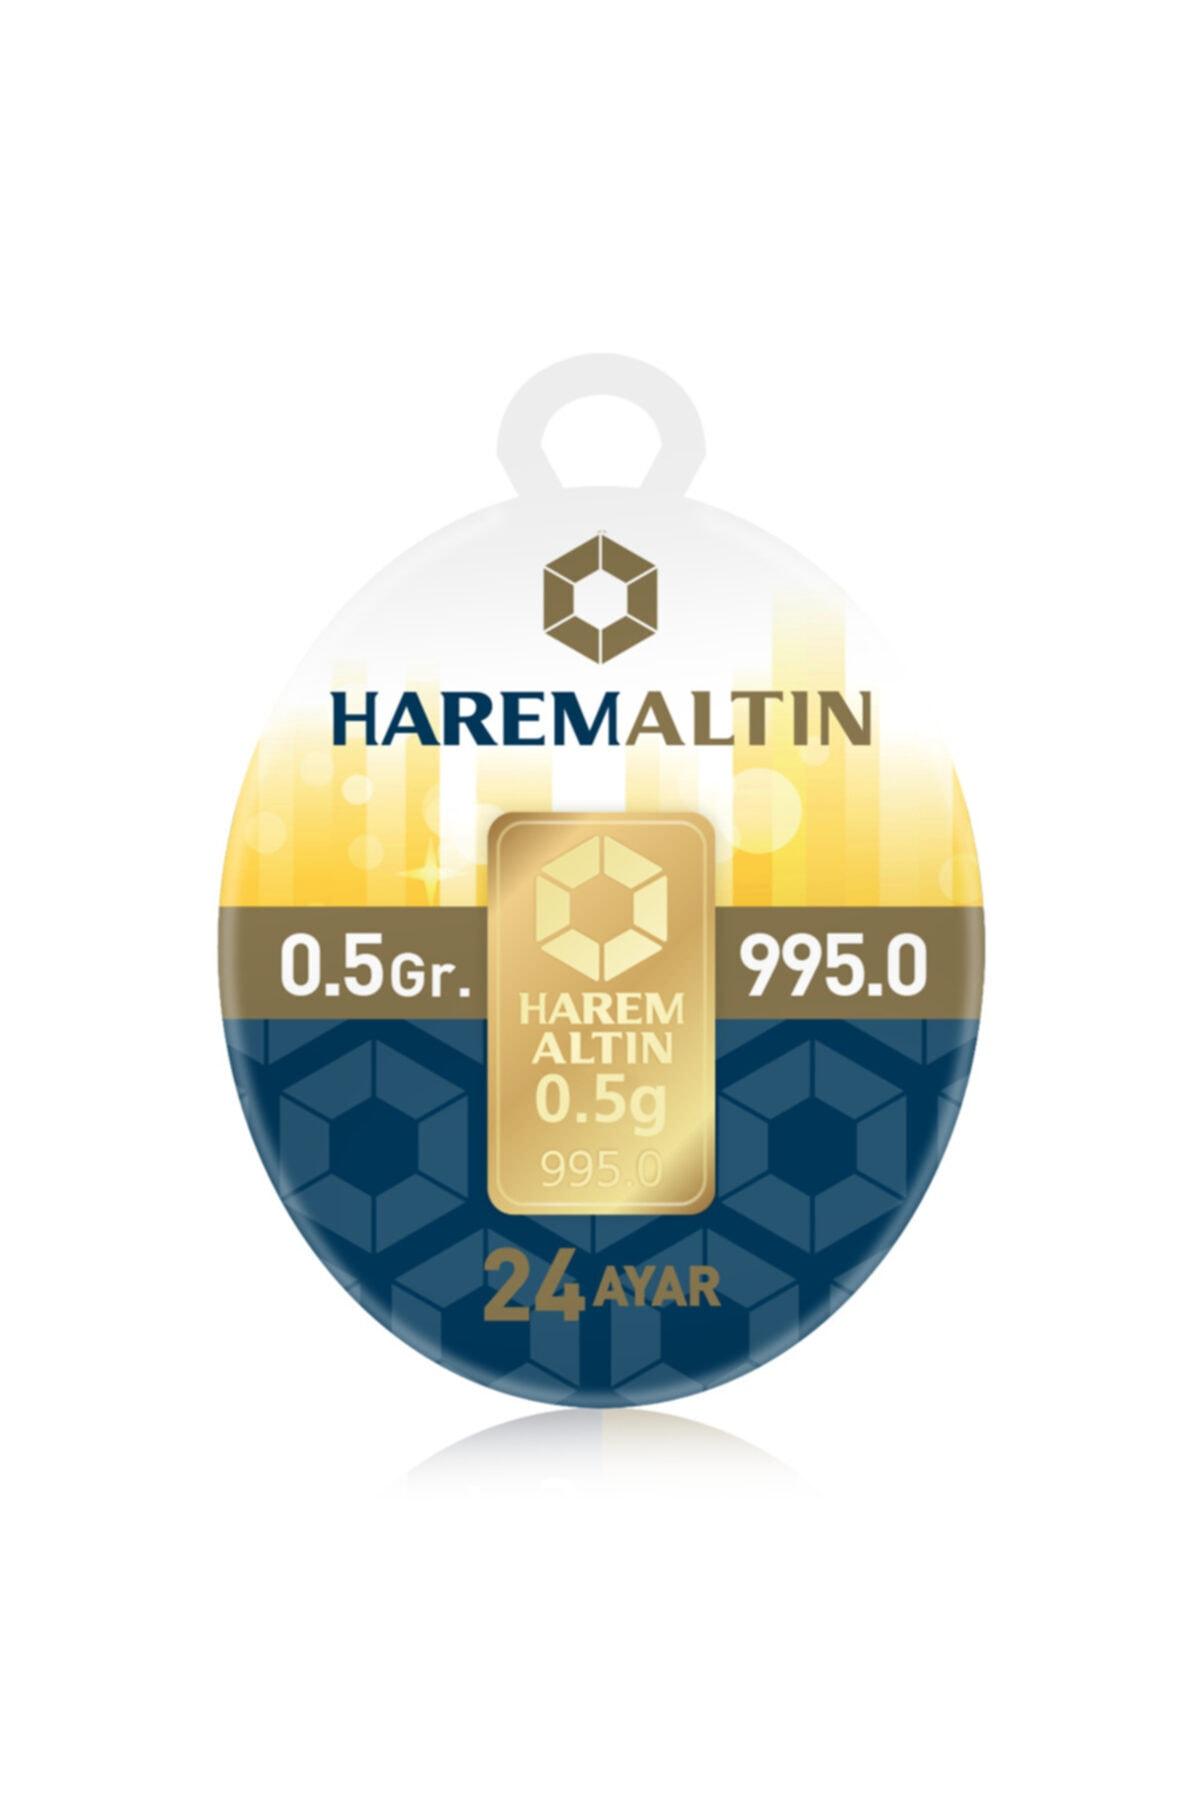 24 Ayar Harem Külçe Altın 0.5 gr